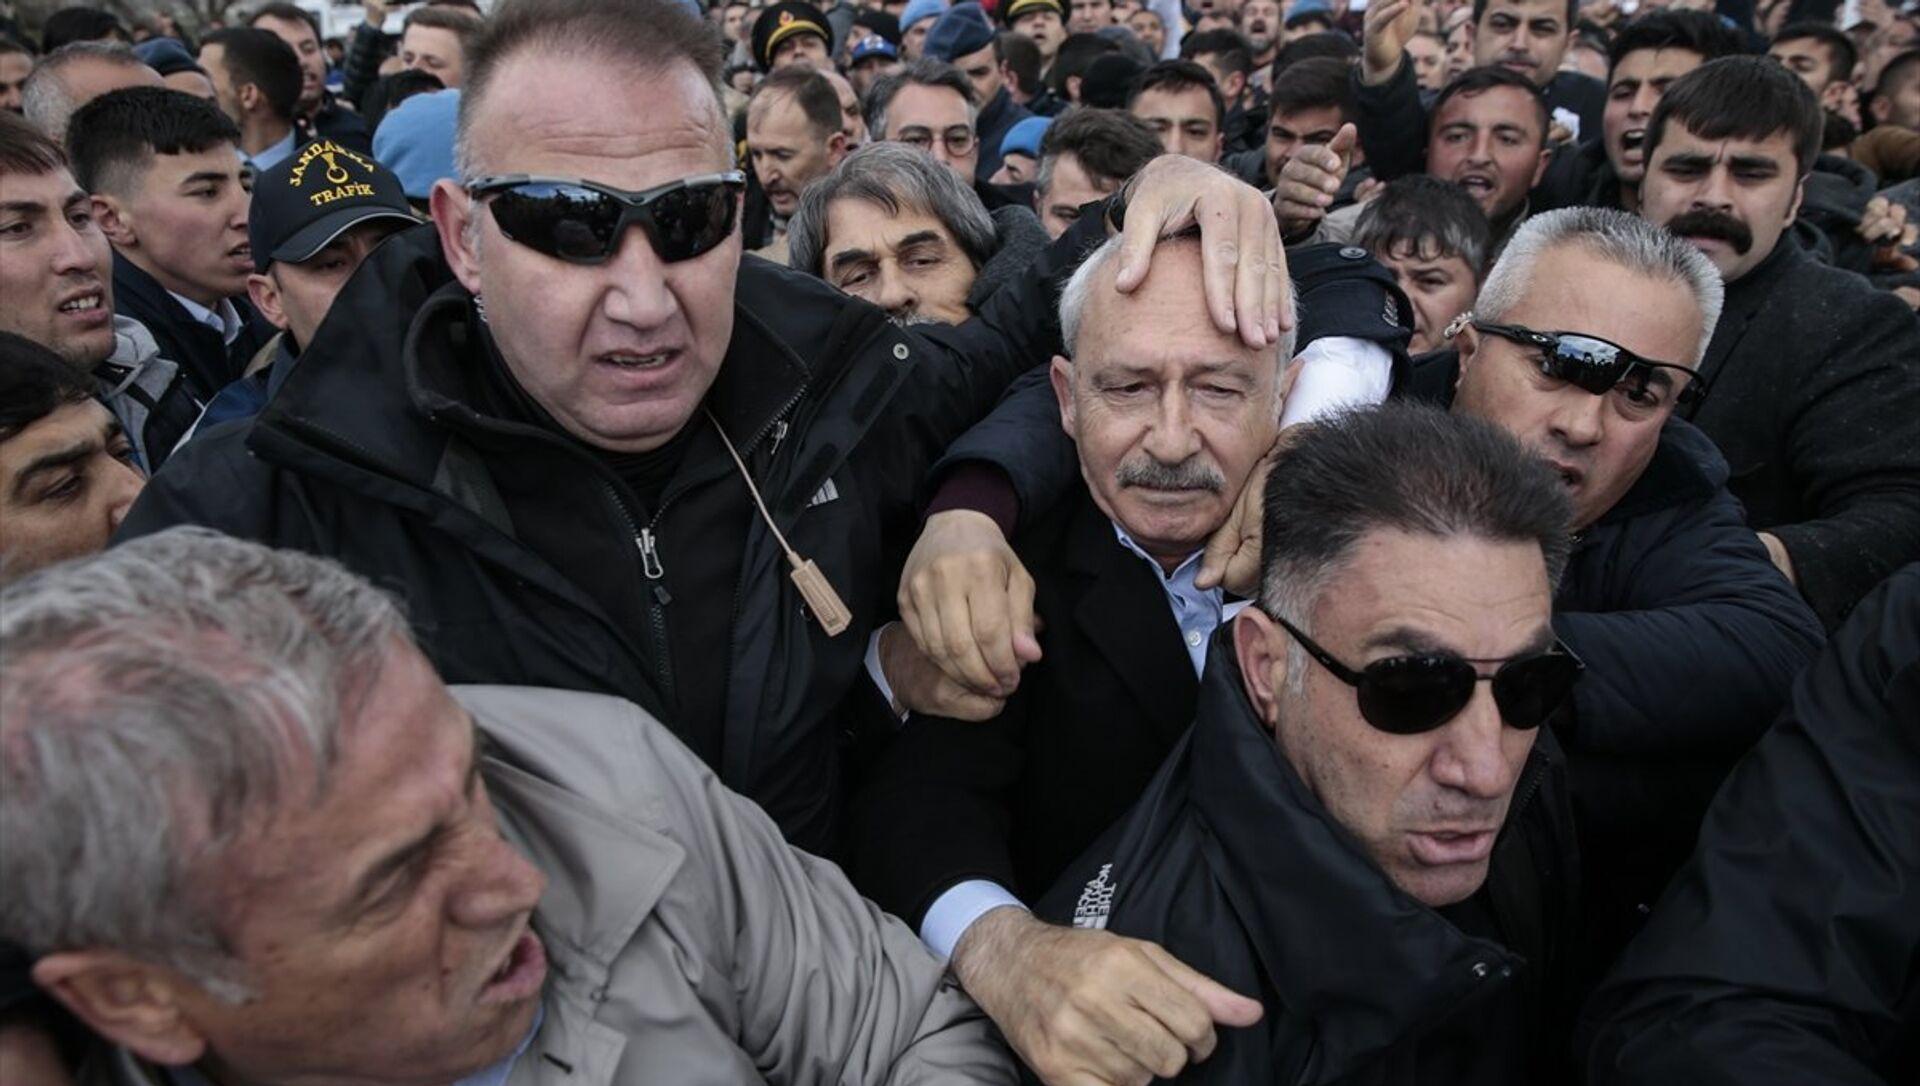 CHP Genel Başkanı Kılıçdaroğlu, Ankara'nın Çubuk ilçesinde şehit sözleşmeli piyade er Yener Kırıkcı'nın cenaze namazında bir grubun linç girişimine uğradı. - Sputnik Türkiye, 1920, 28.02.2021